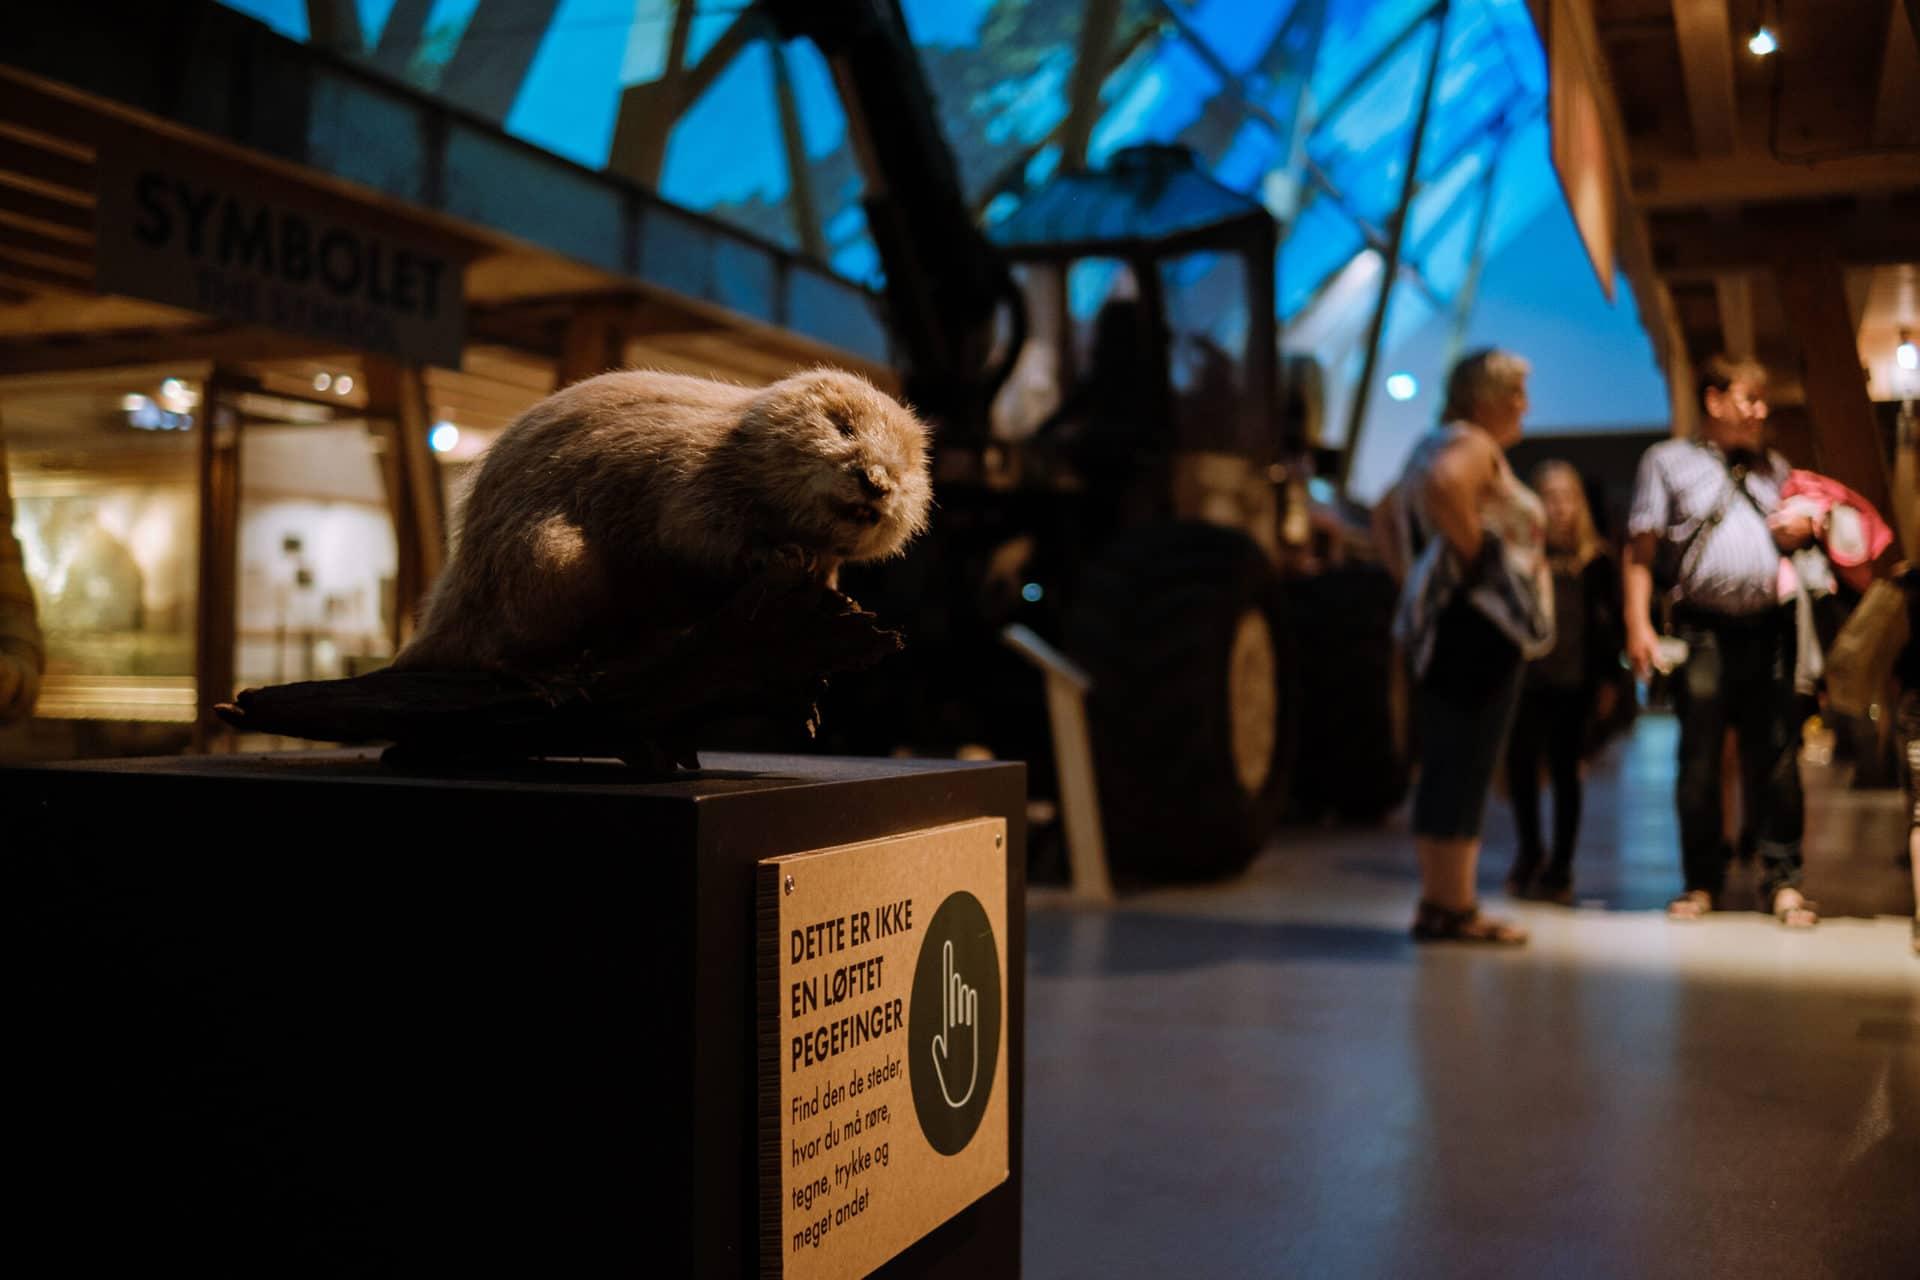 Oplev udstillingen STORT om skoven på Det Grønne Museum